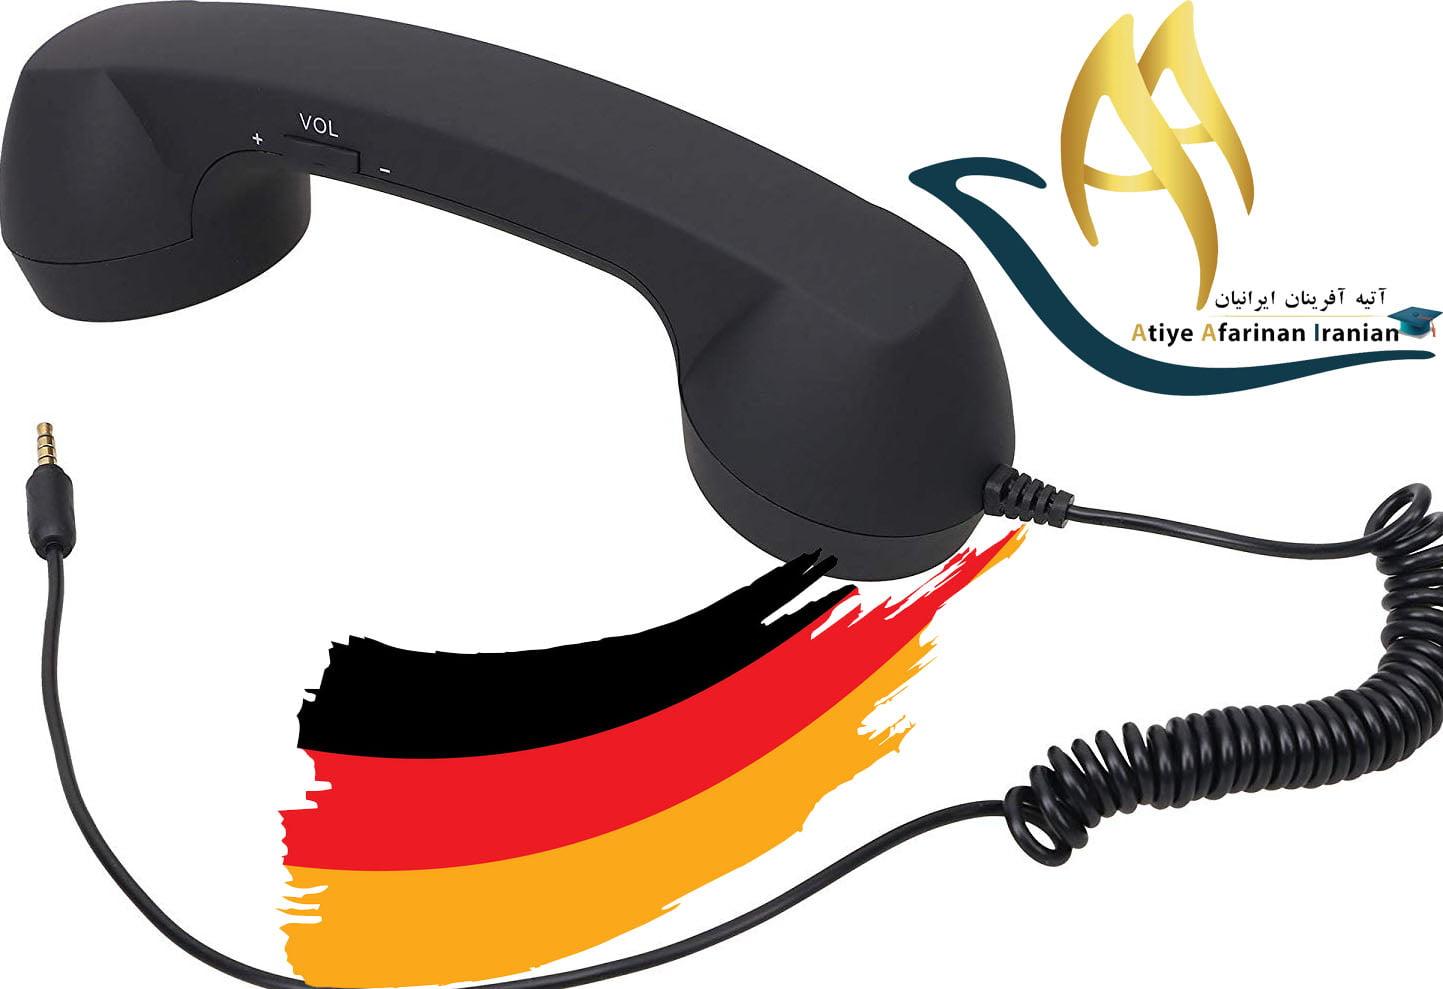 شماره تماس های ضروری کشور آلمان